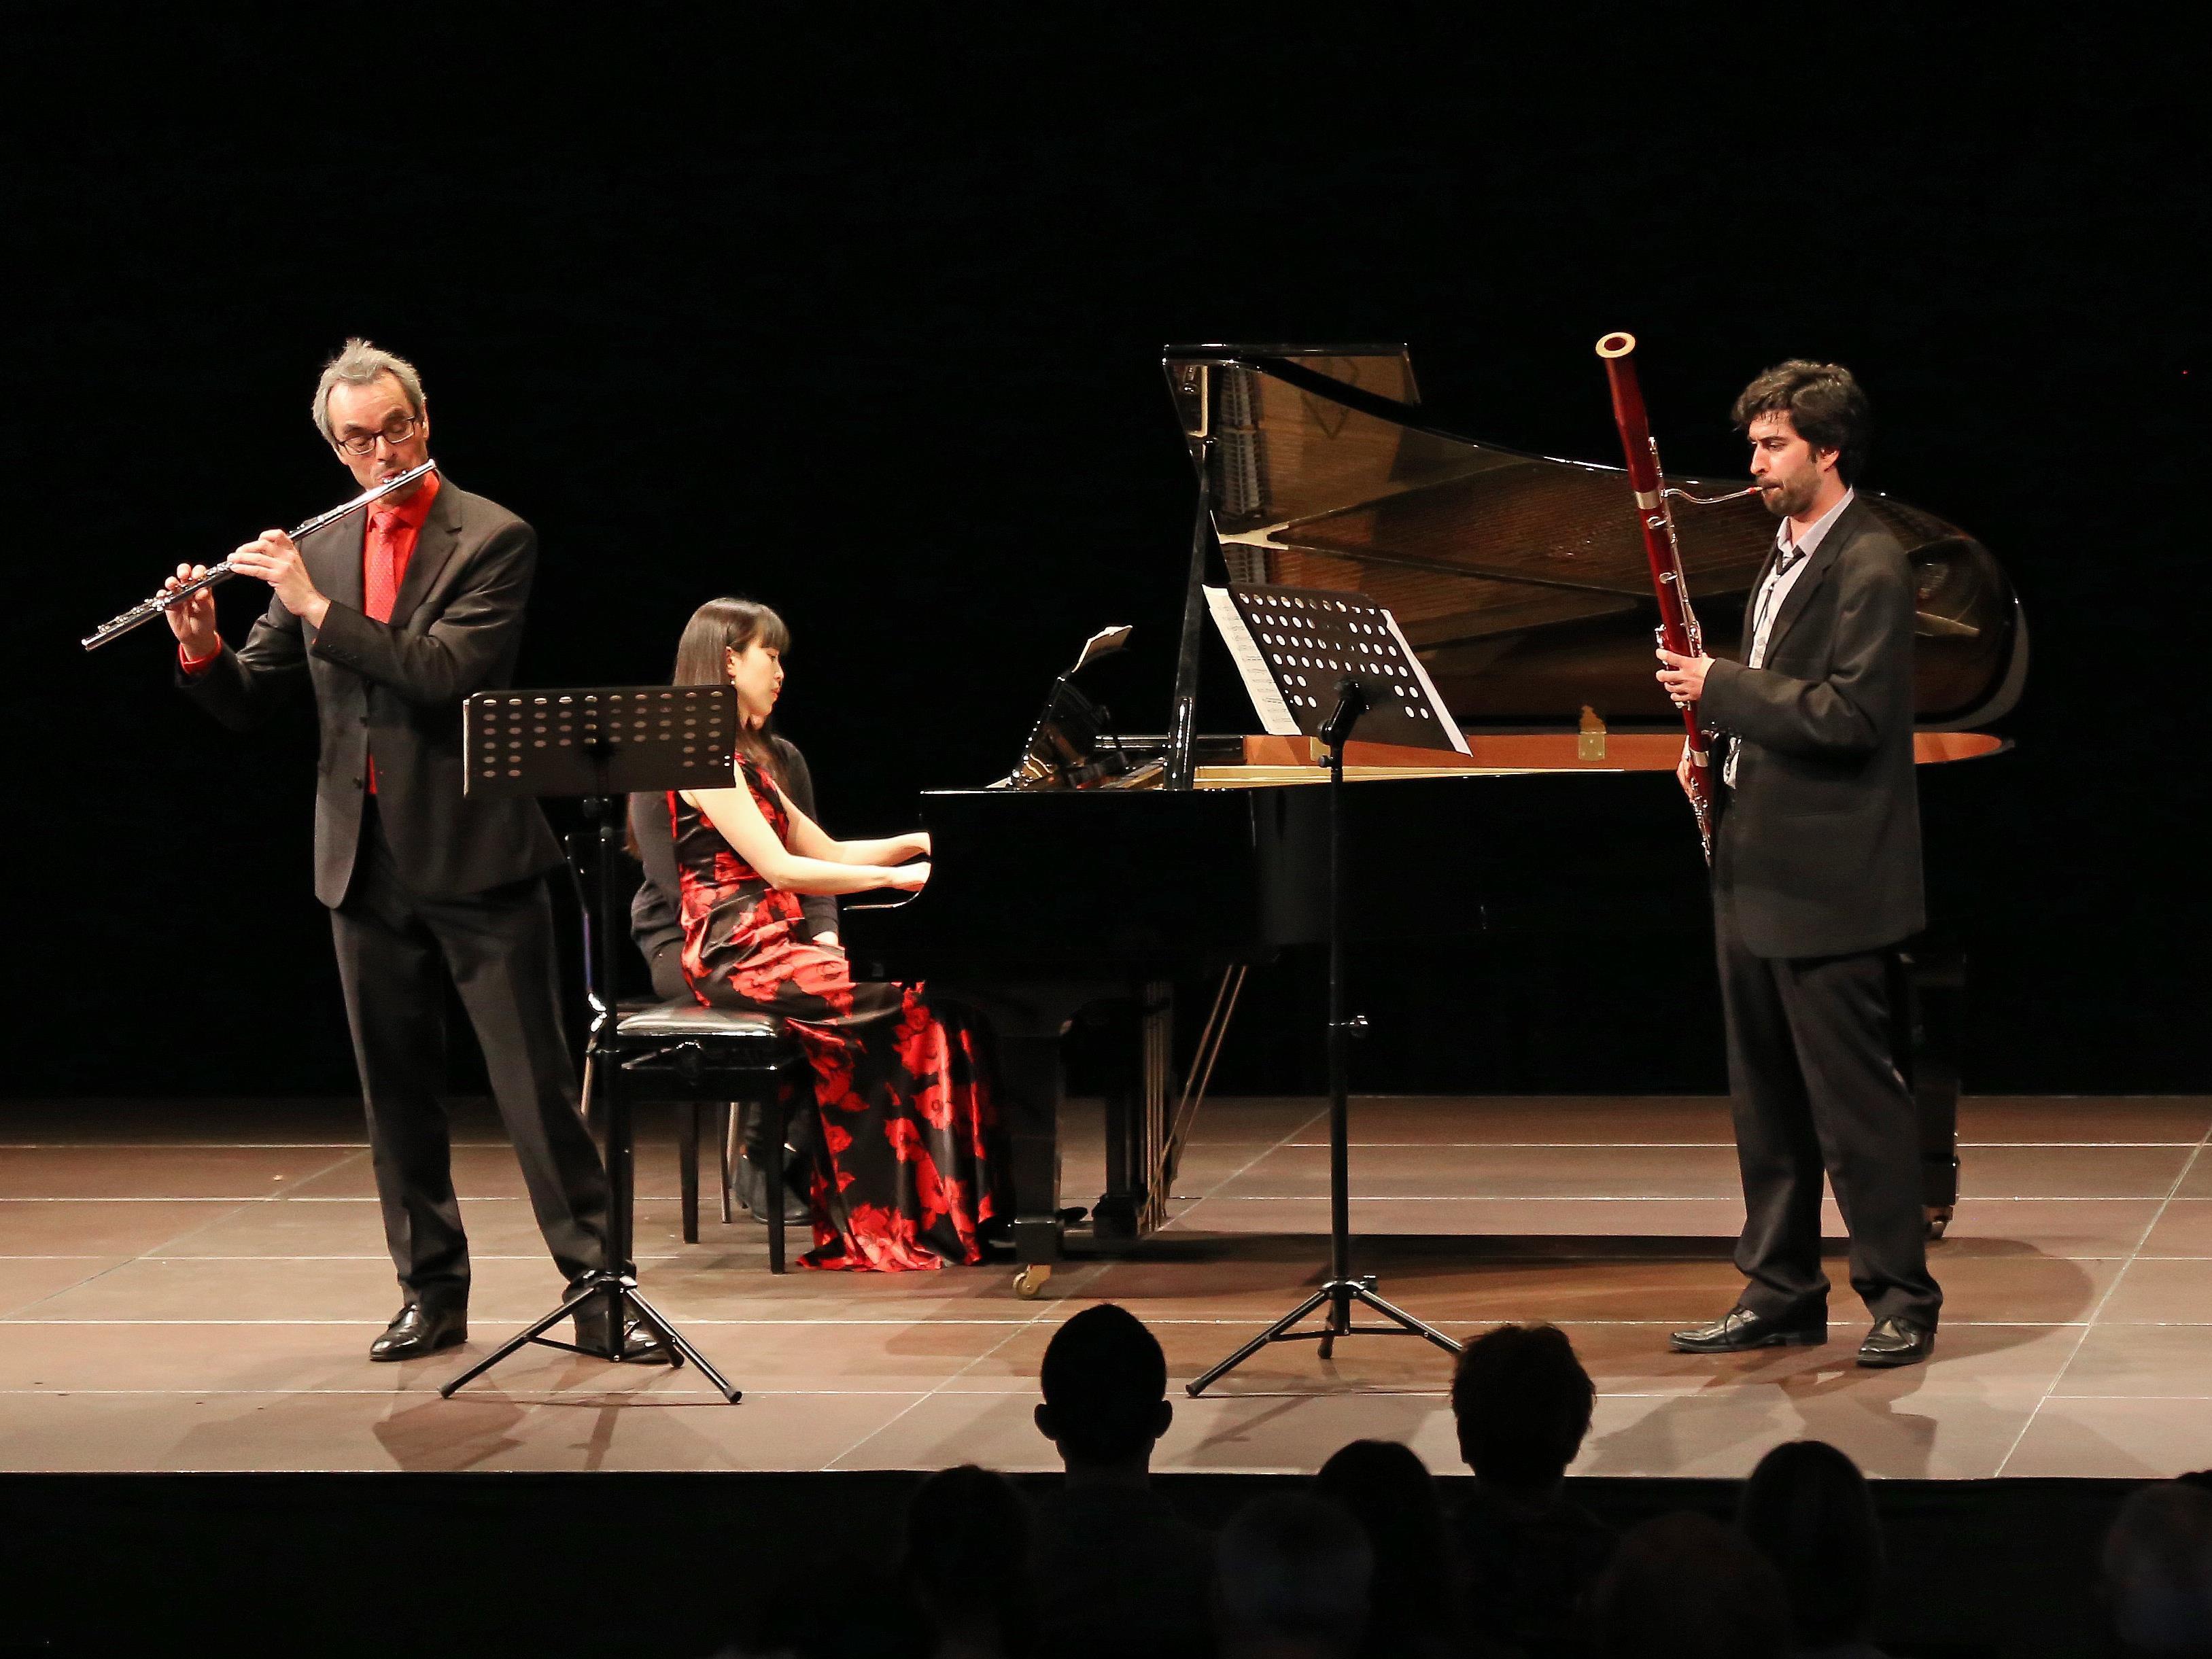 Konzert des heimischen Meister-Trios im Pförtnerhaus: Eugen Bertel, Yukie Togashi; Matthew Smith (von links).